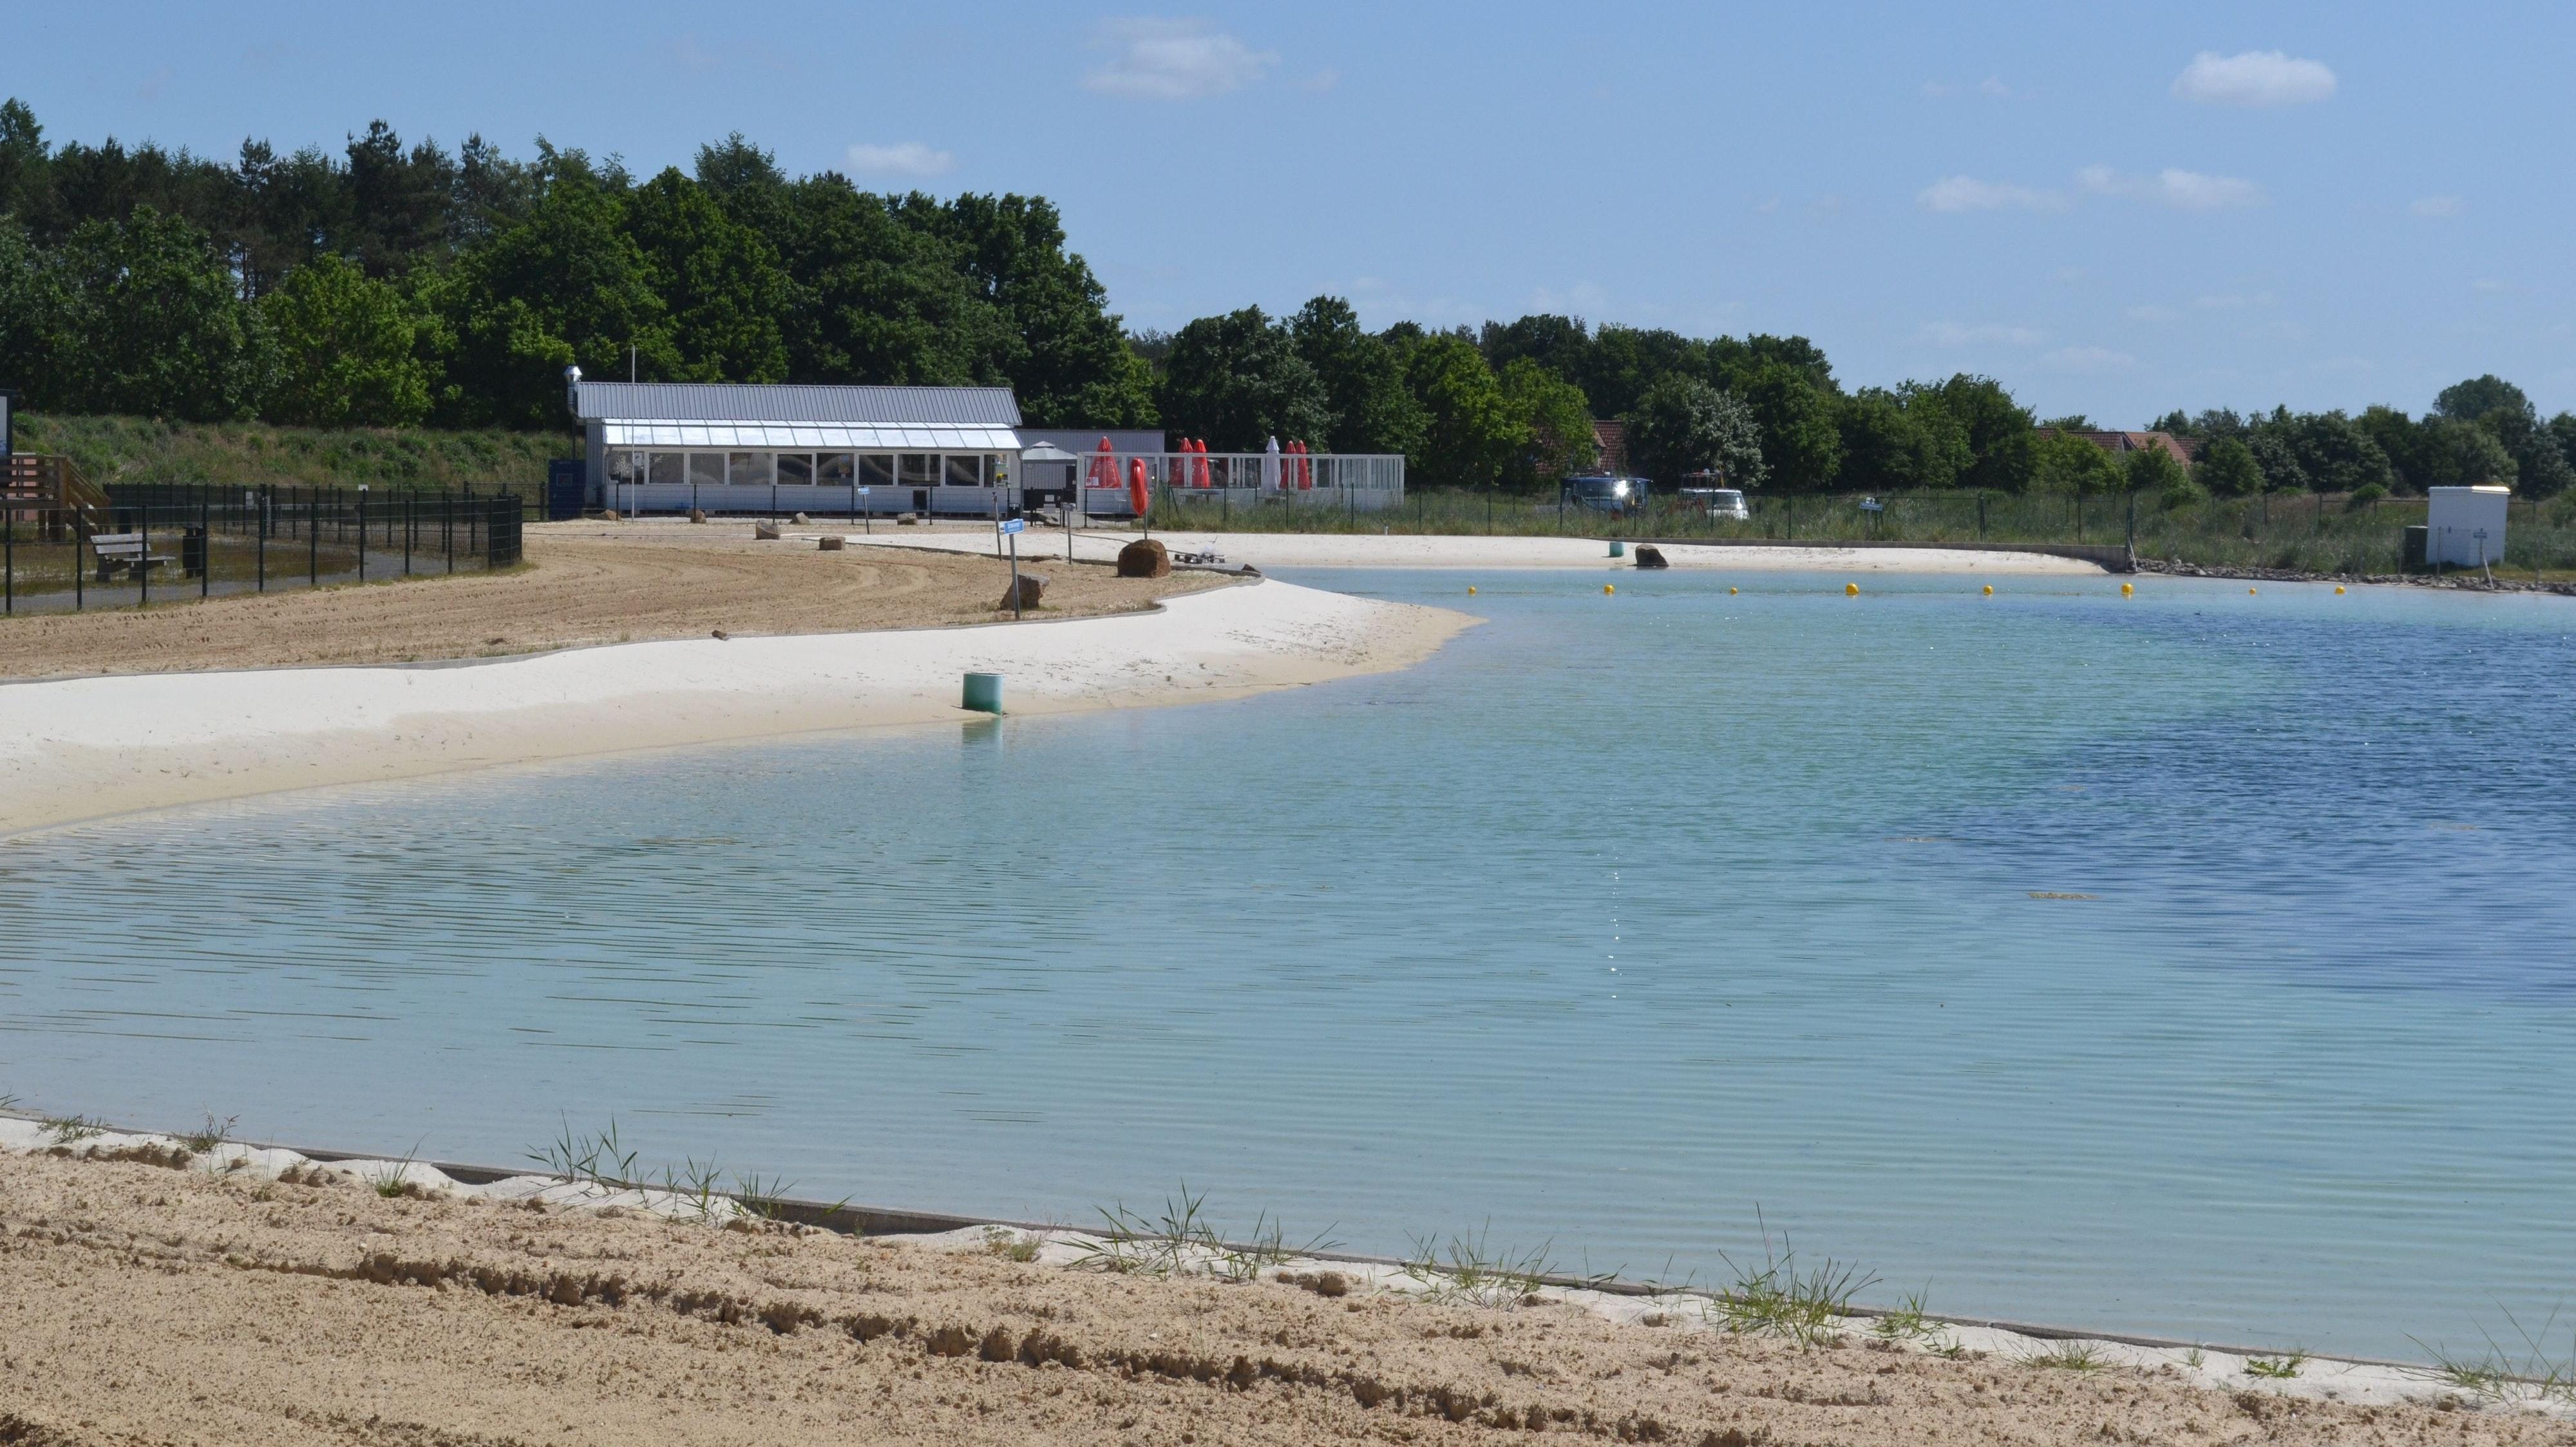 Idyllisch: der Badesee in Dwergte. Foto: Schrimper